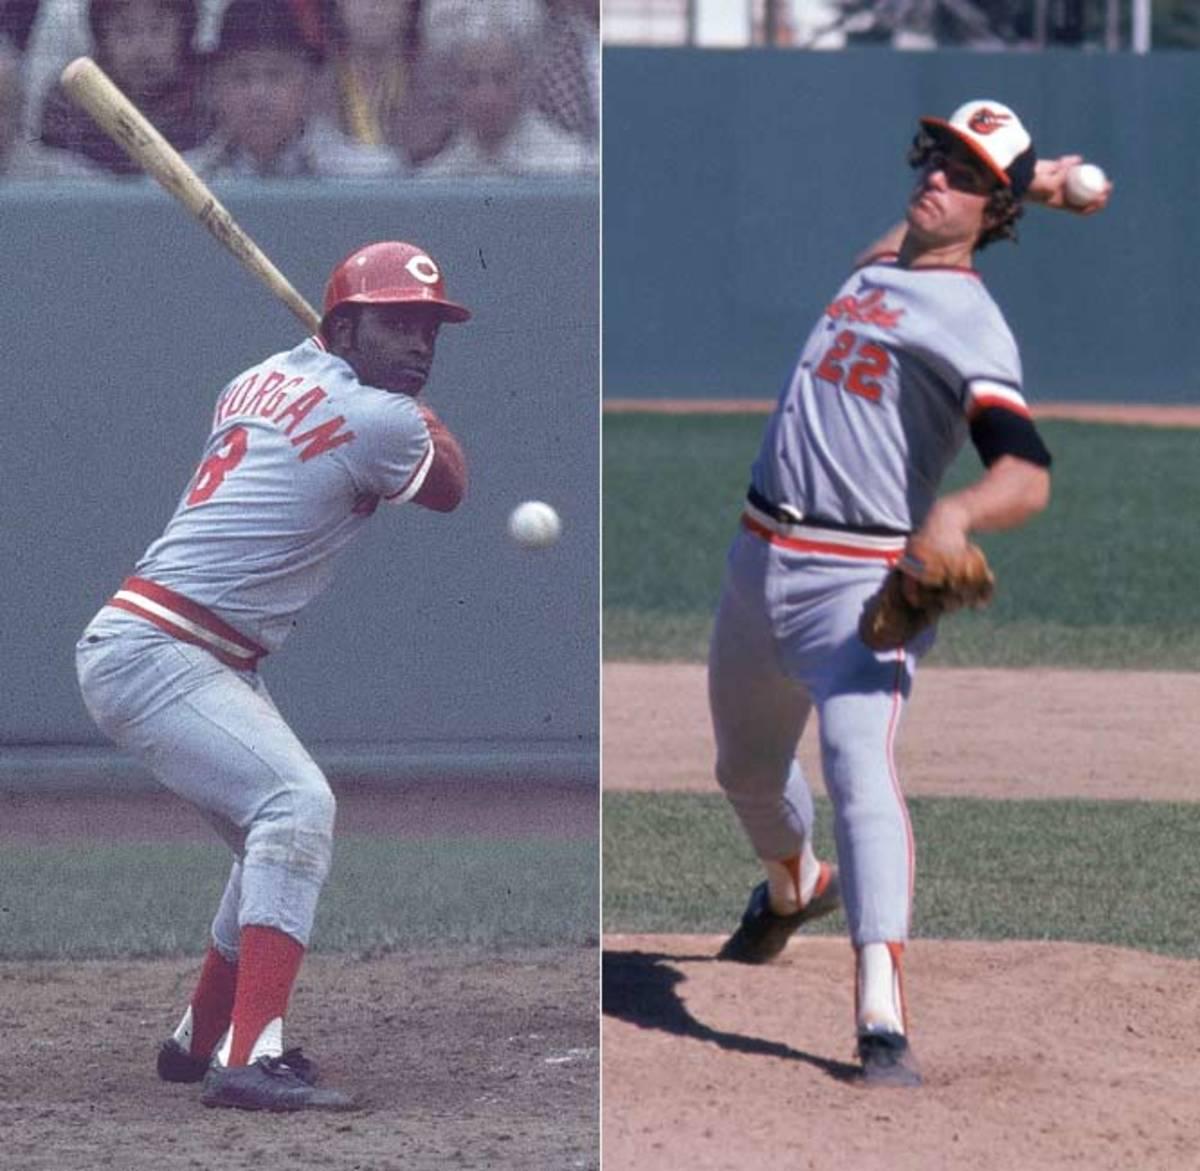 Jim Palmer and Joe Morgan